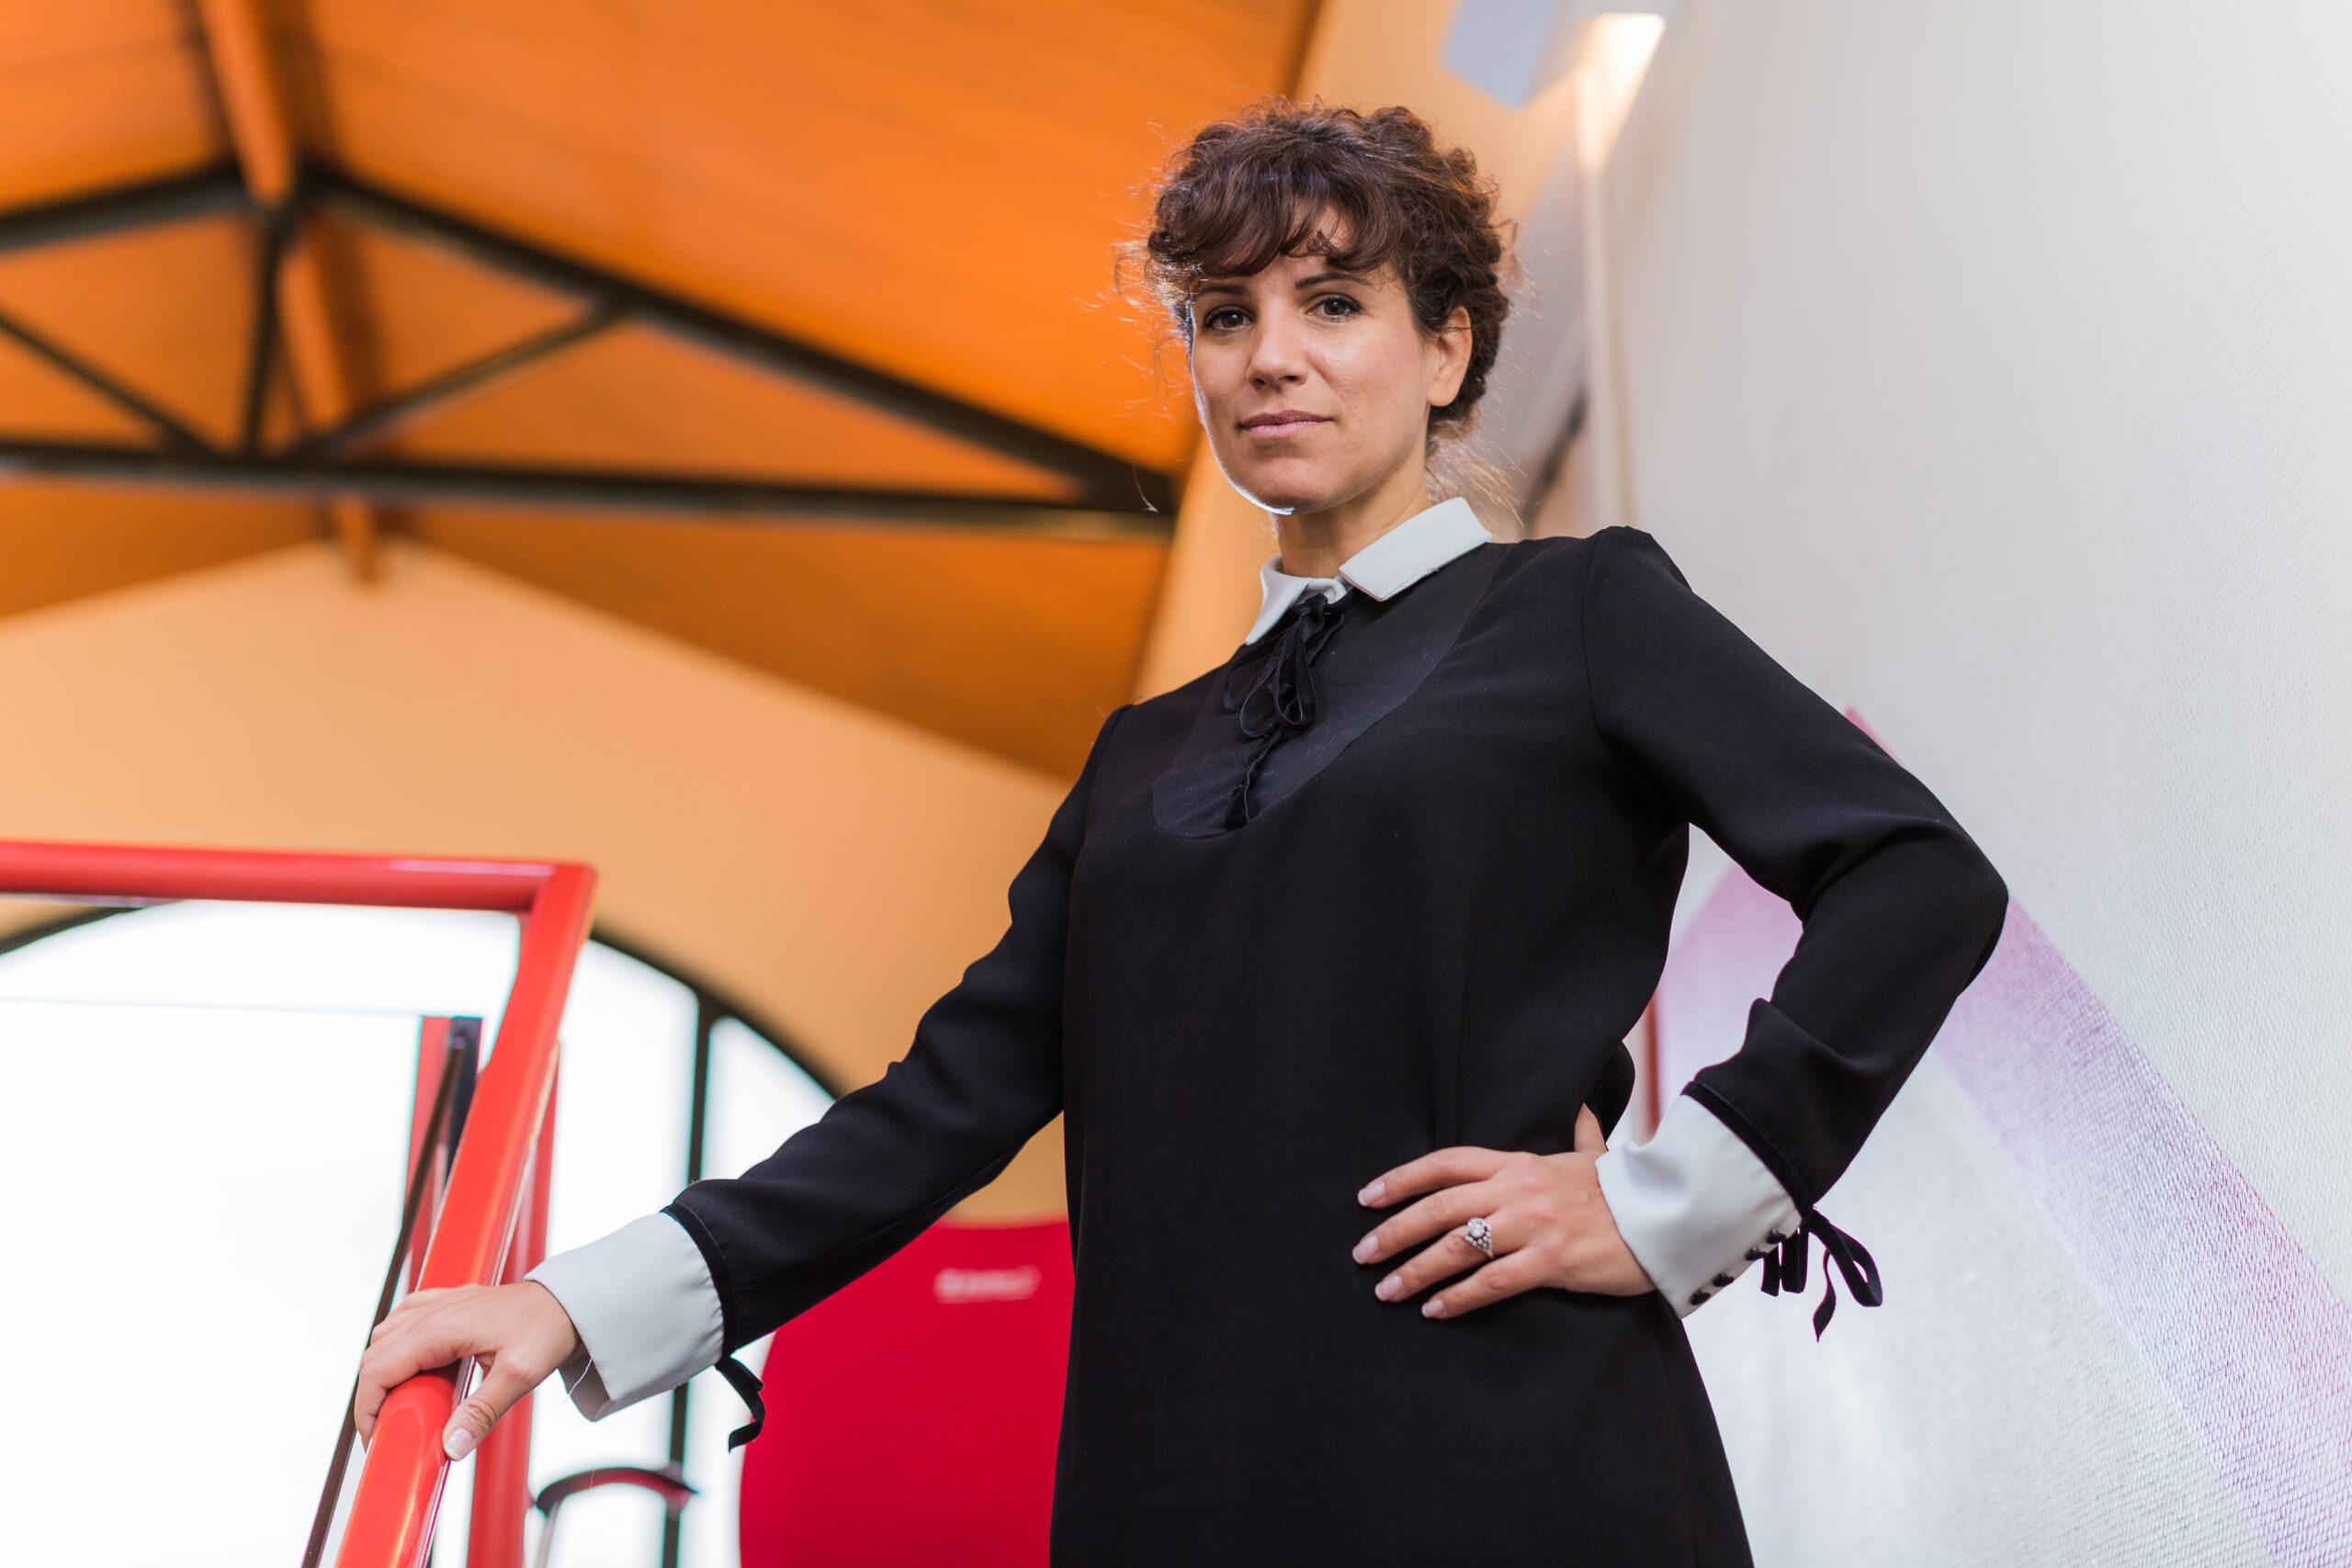 Corporate fotoshoot van Daniela el kadi - CEO van Buchen Industrial Services in België